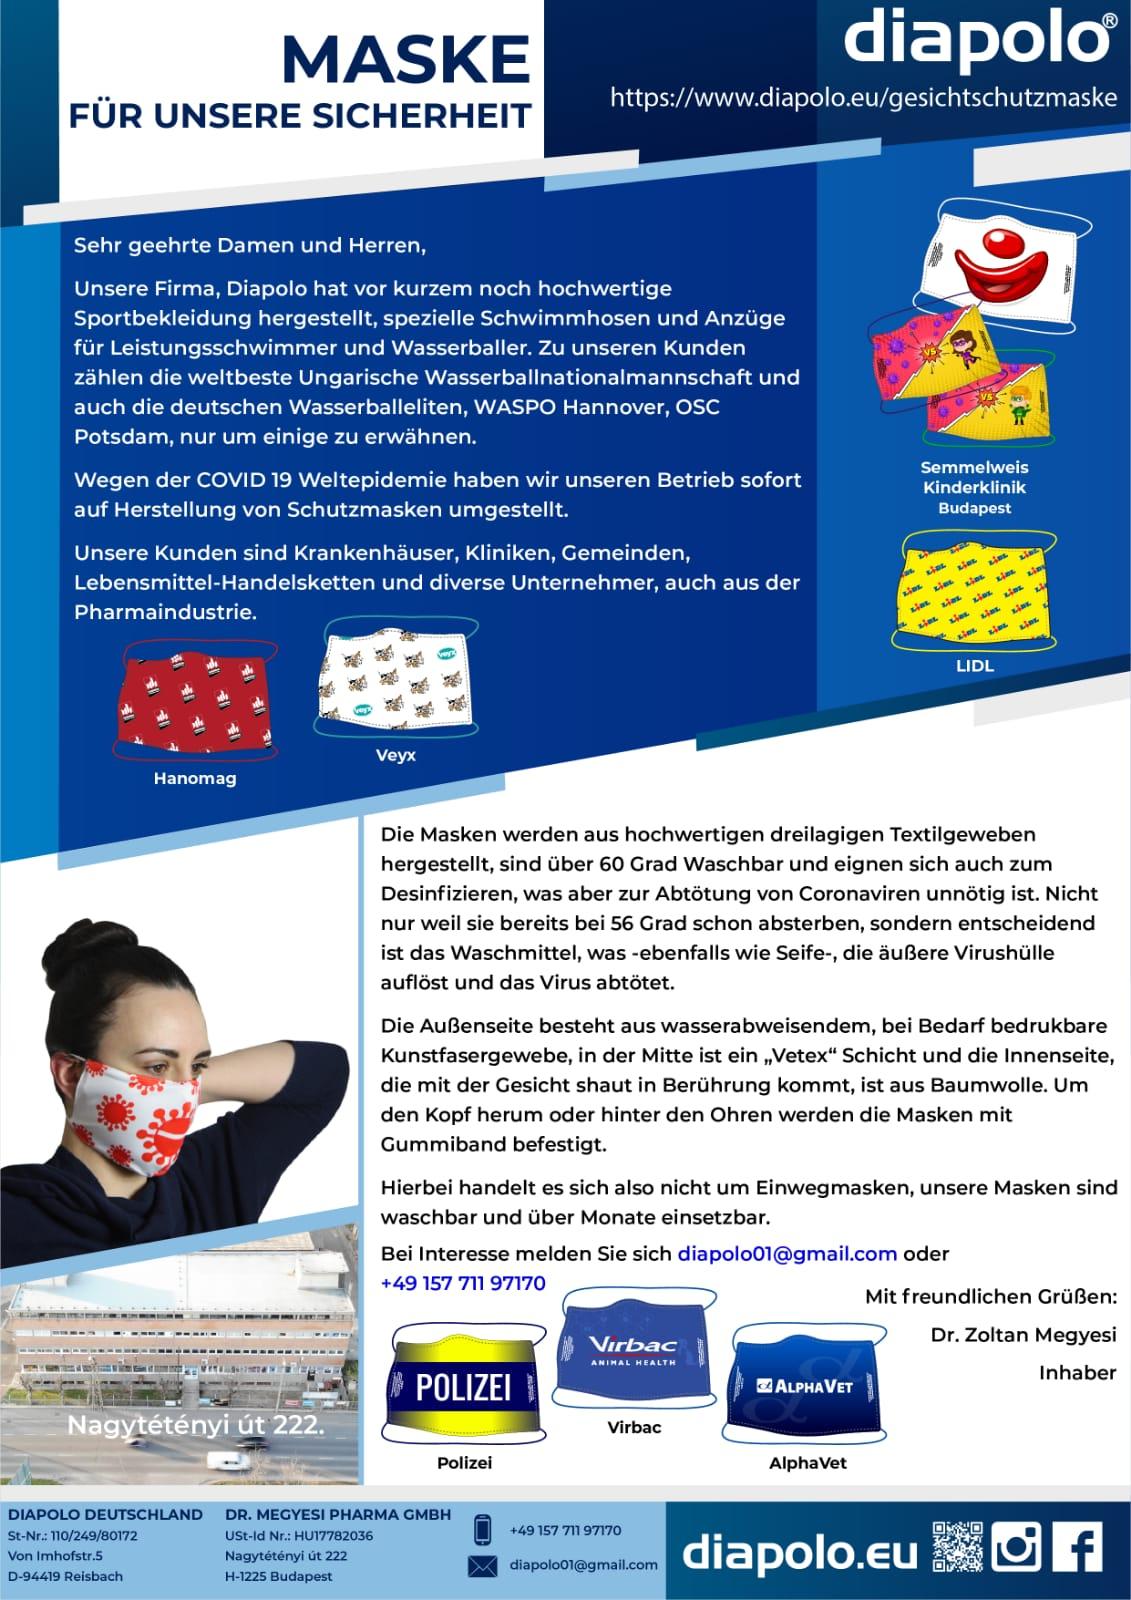 diapolo.eu - Schutzmasken